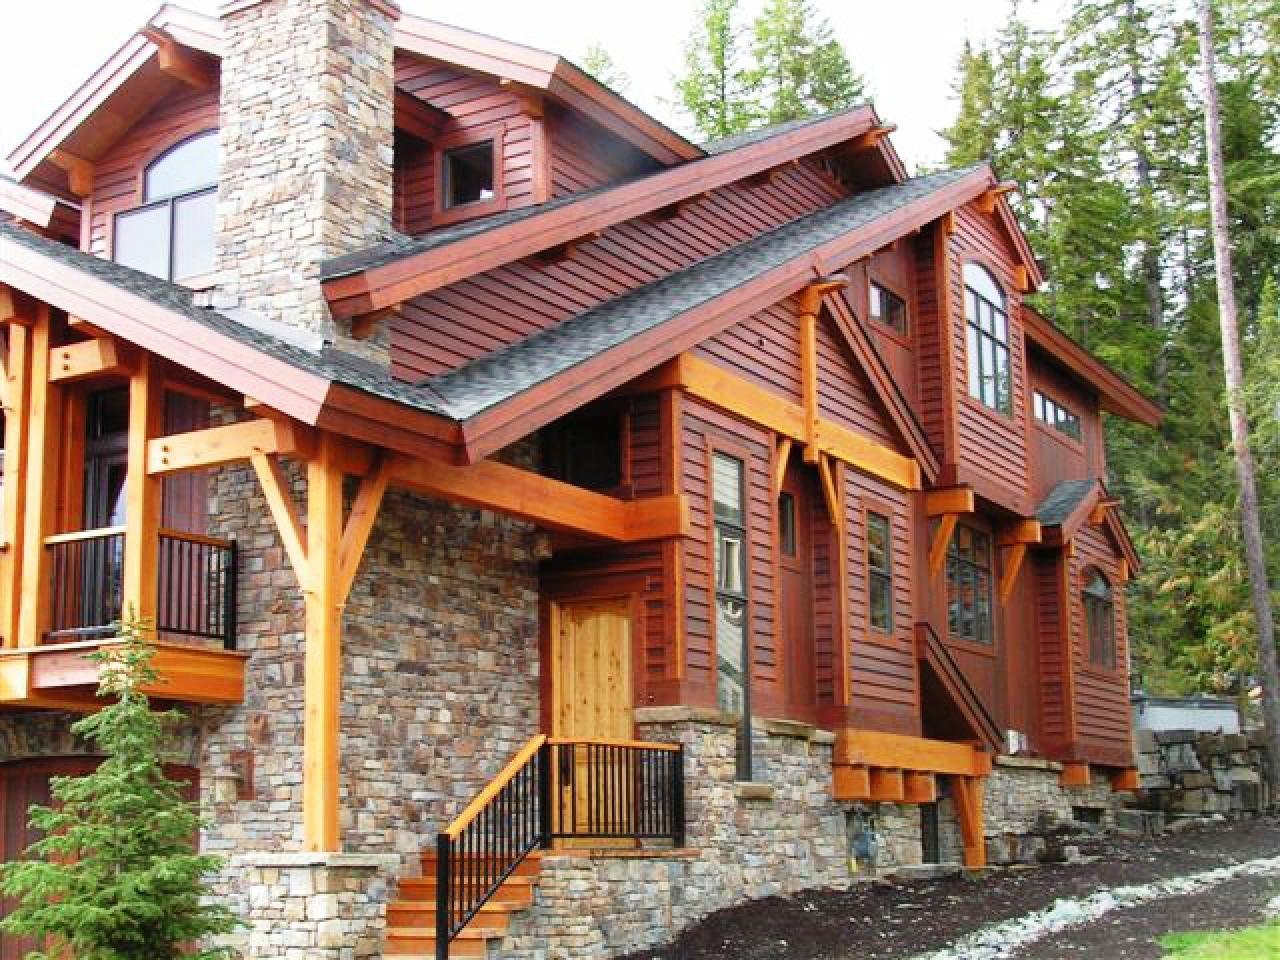 Ranch House Siding Ideas - Madison Art Center Design on House Siding Ideas  id=73309